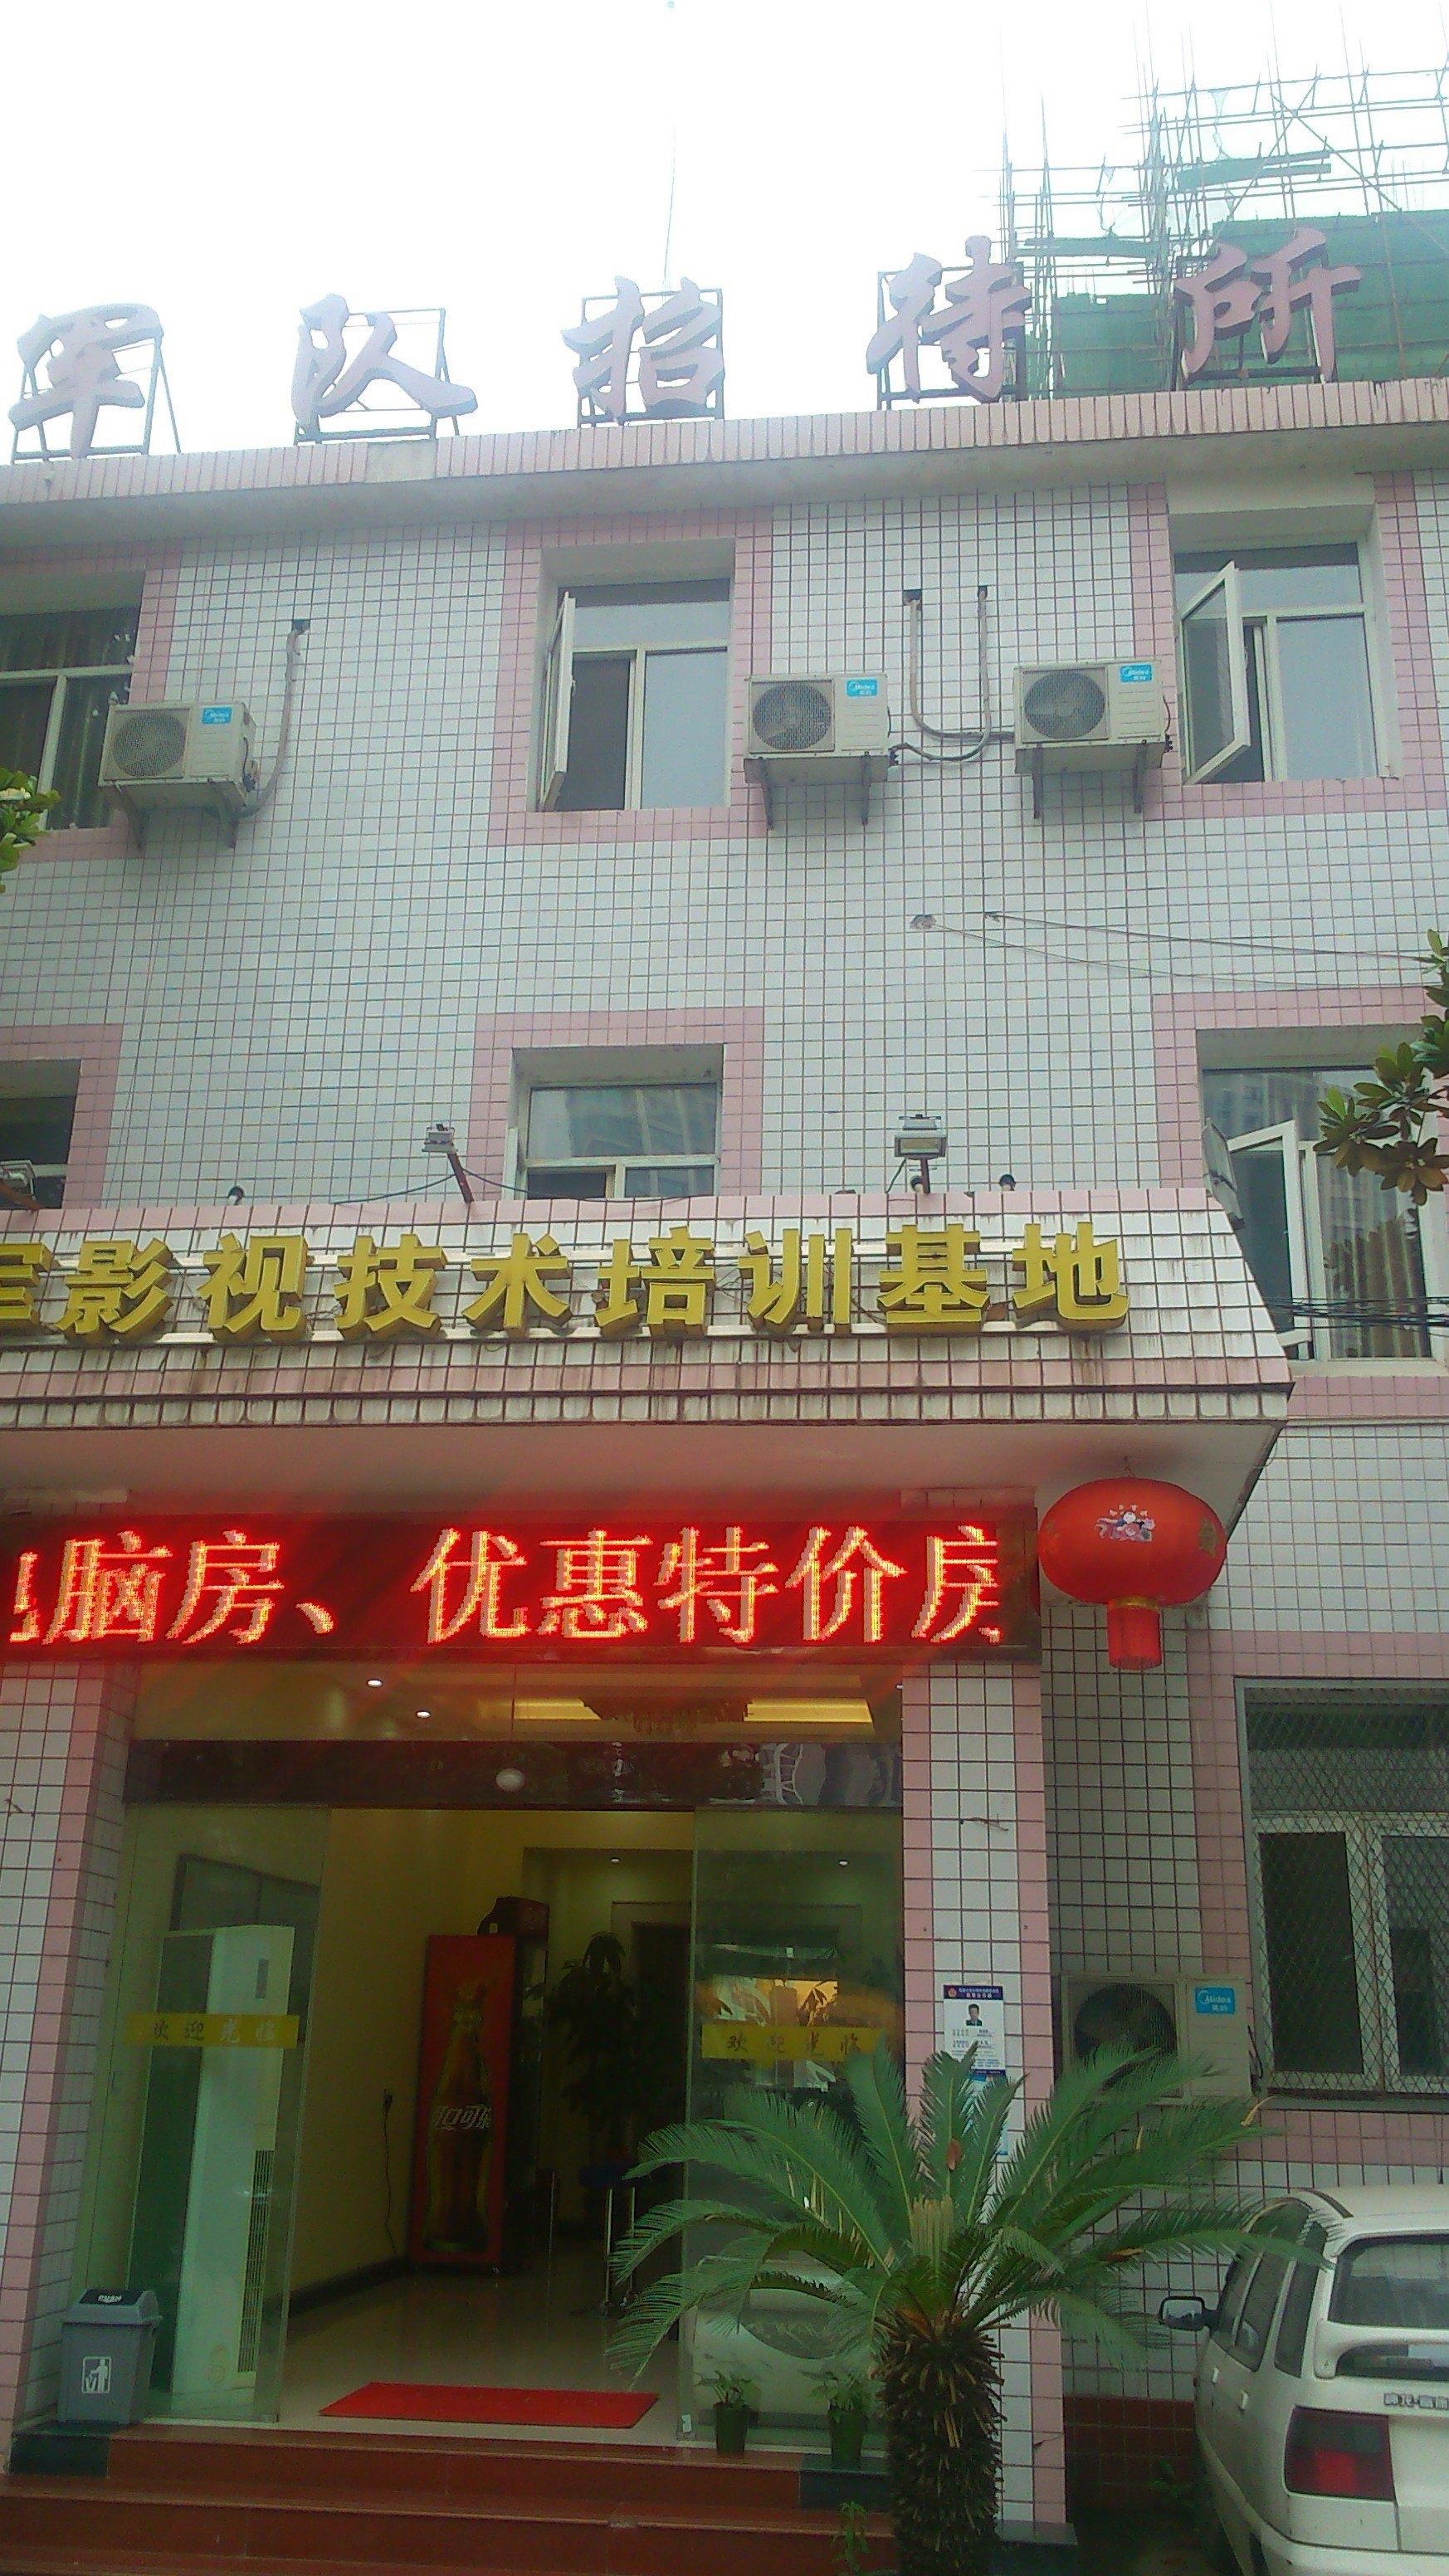 【携程攻略】武汉湖北省中医院胭脂路门诊部,